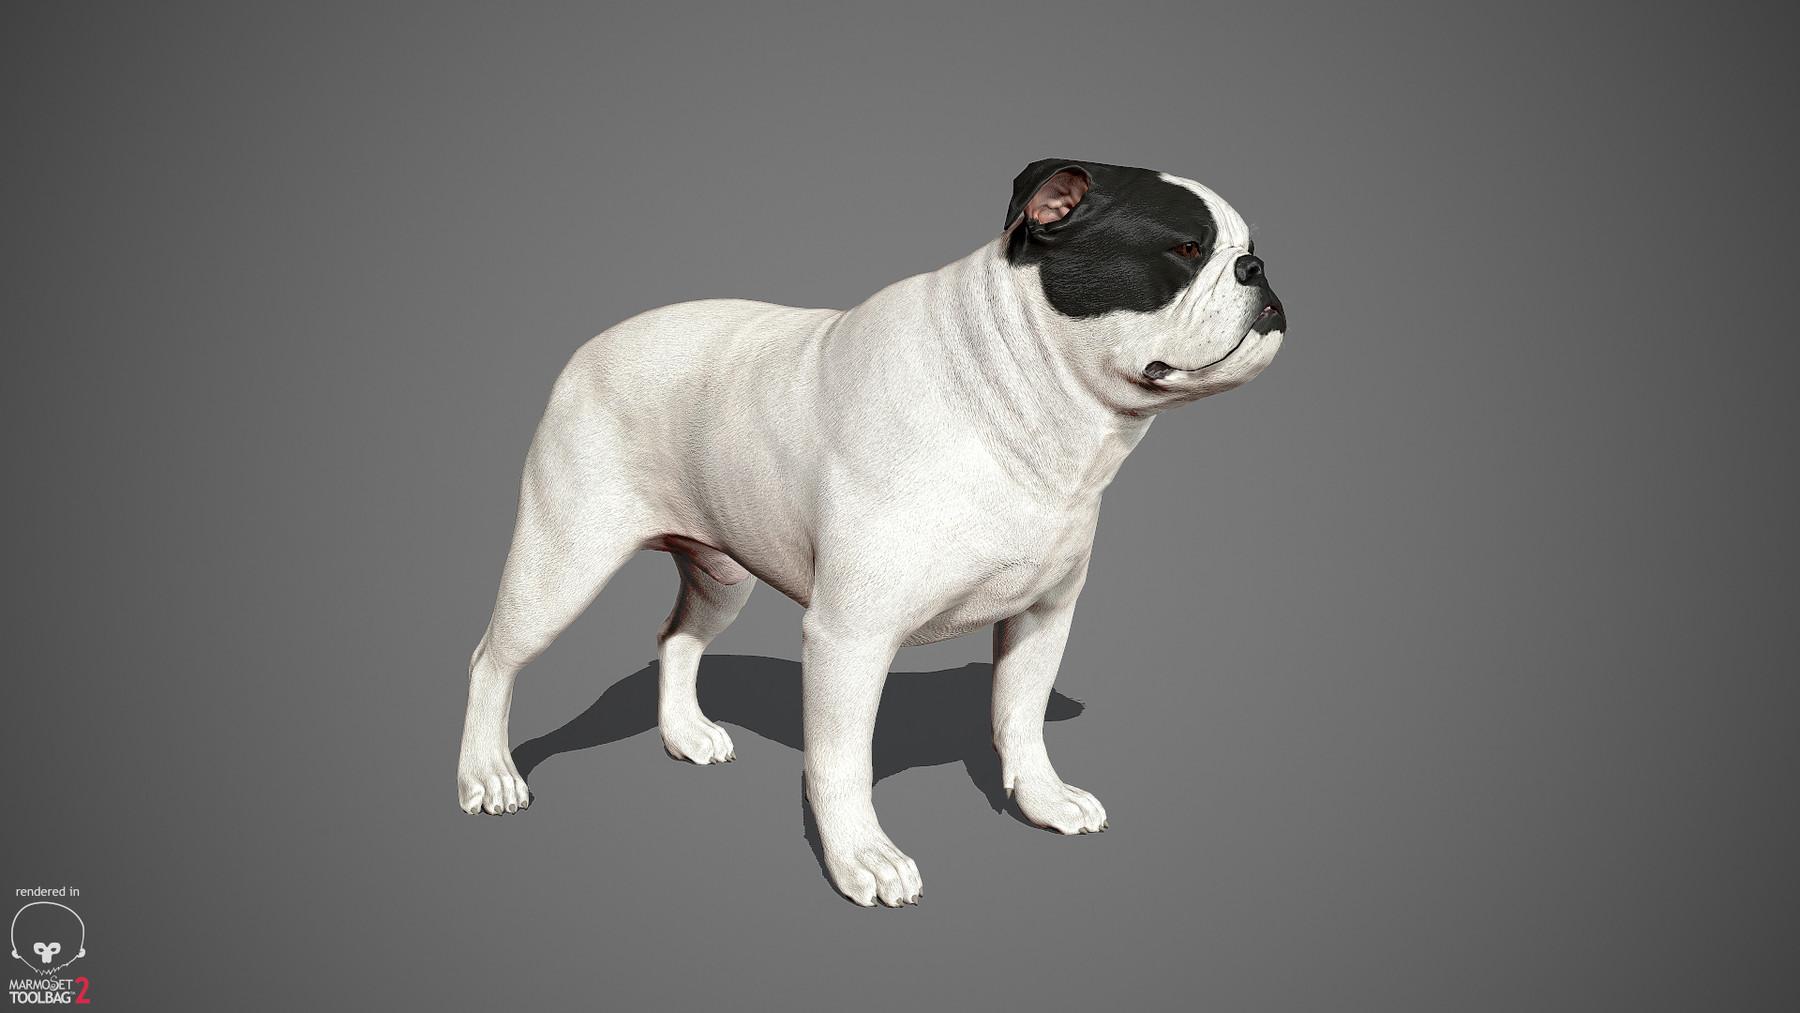 Englishbulldog by alexlashko marmoset 04